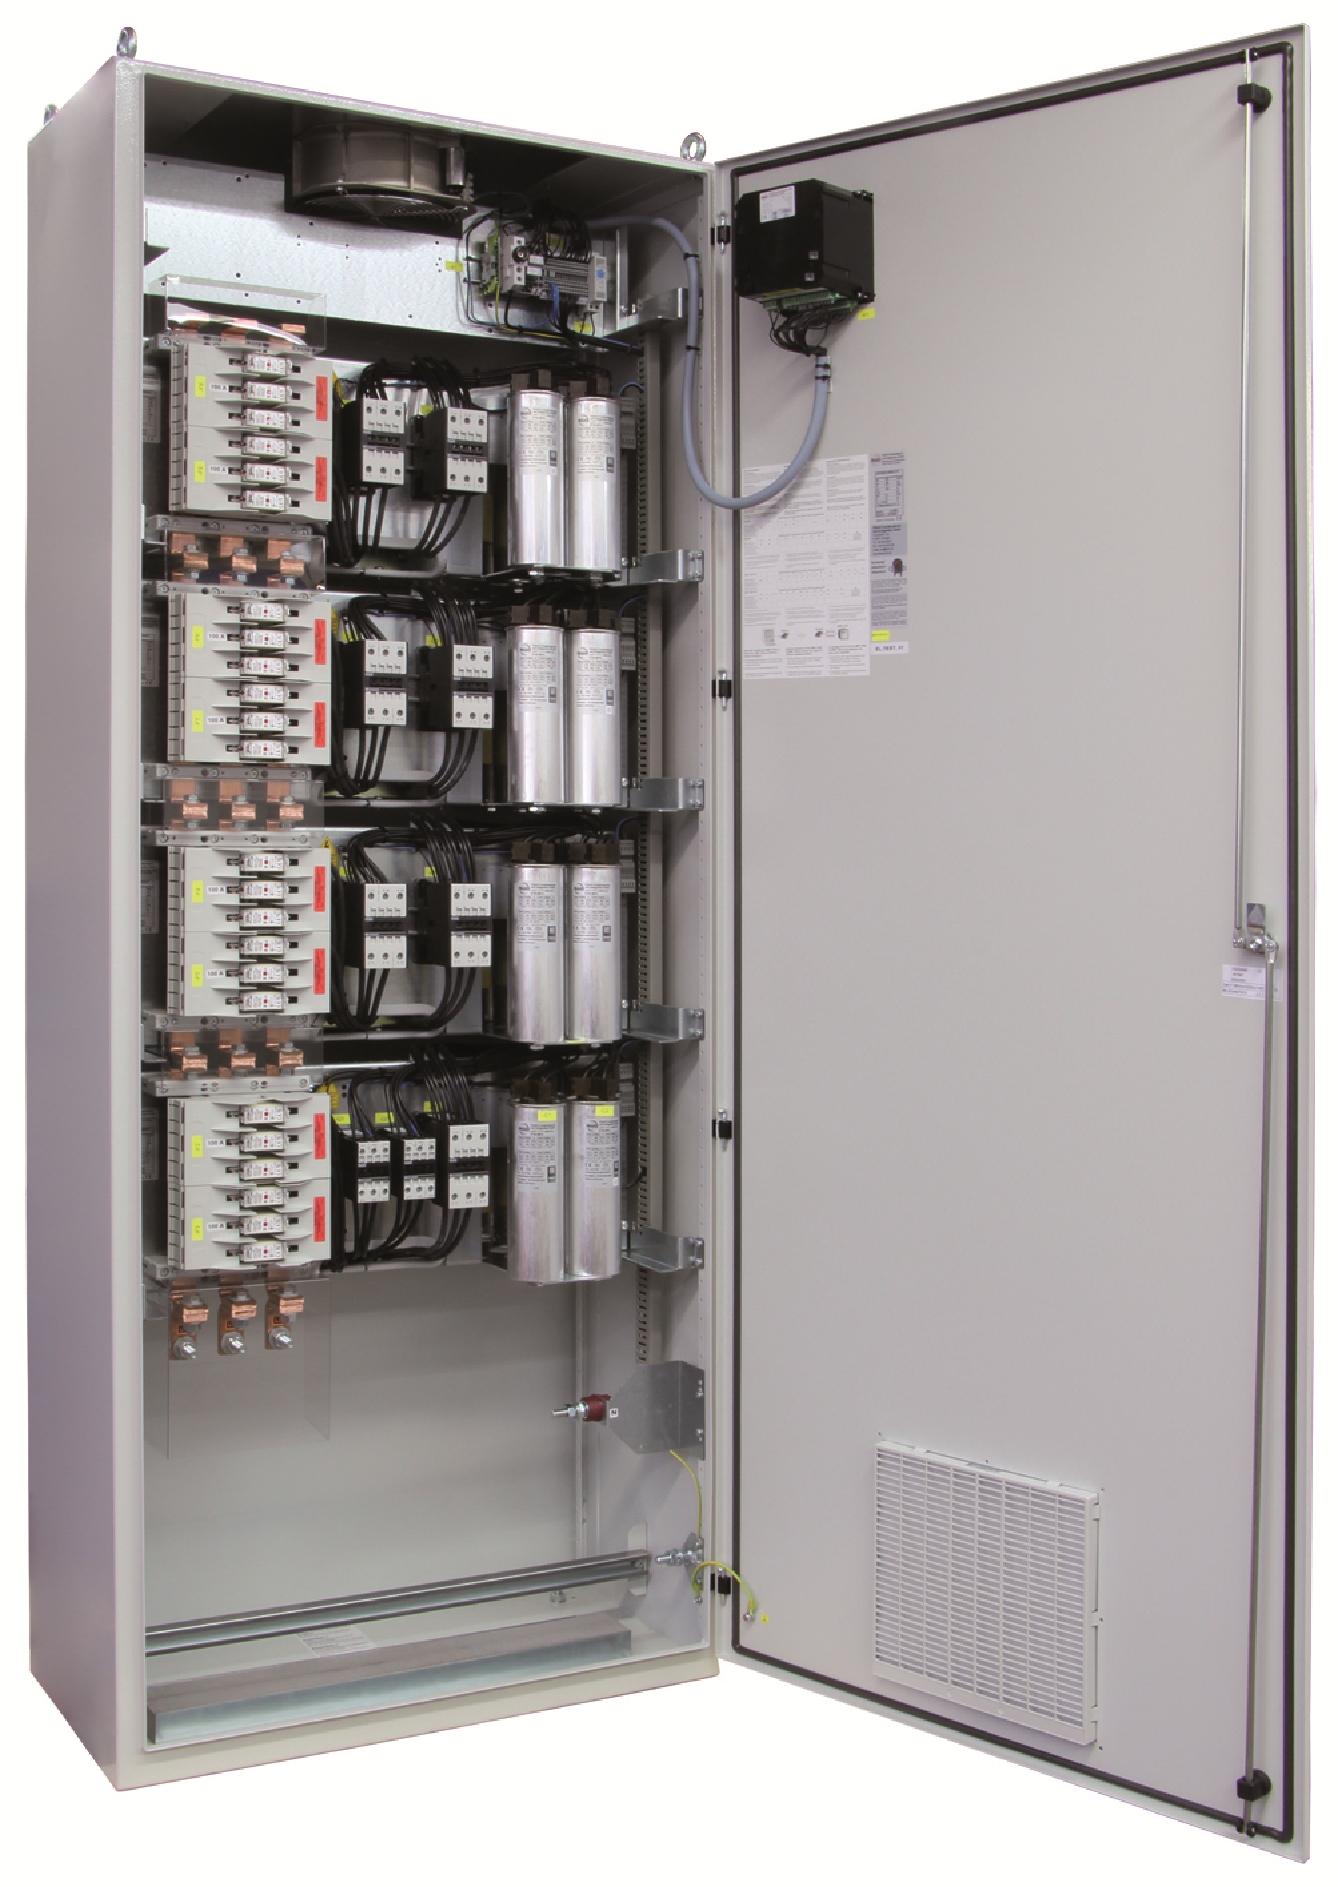 1 Stk Kompensation LSFC 7% 75/12,5kvar 600x2000x400mm FR3422651-